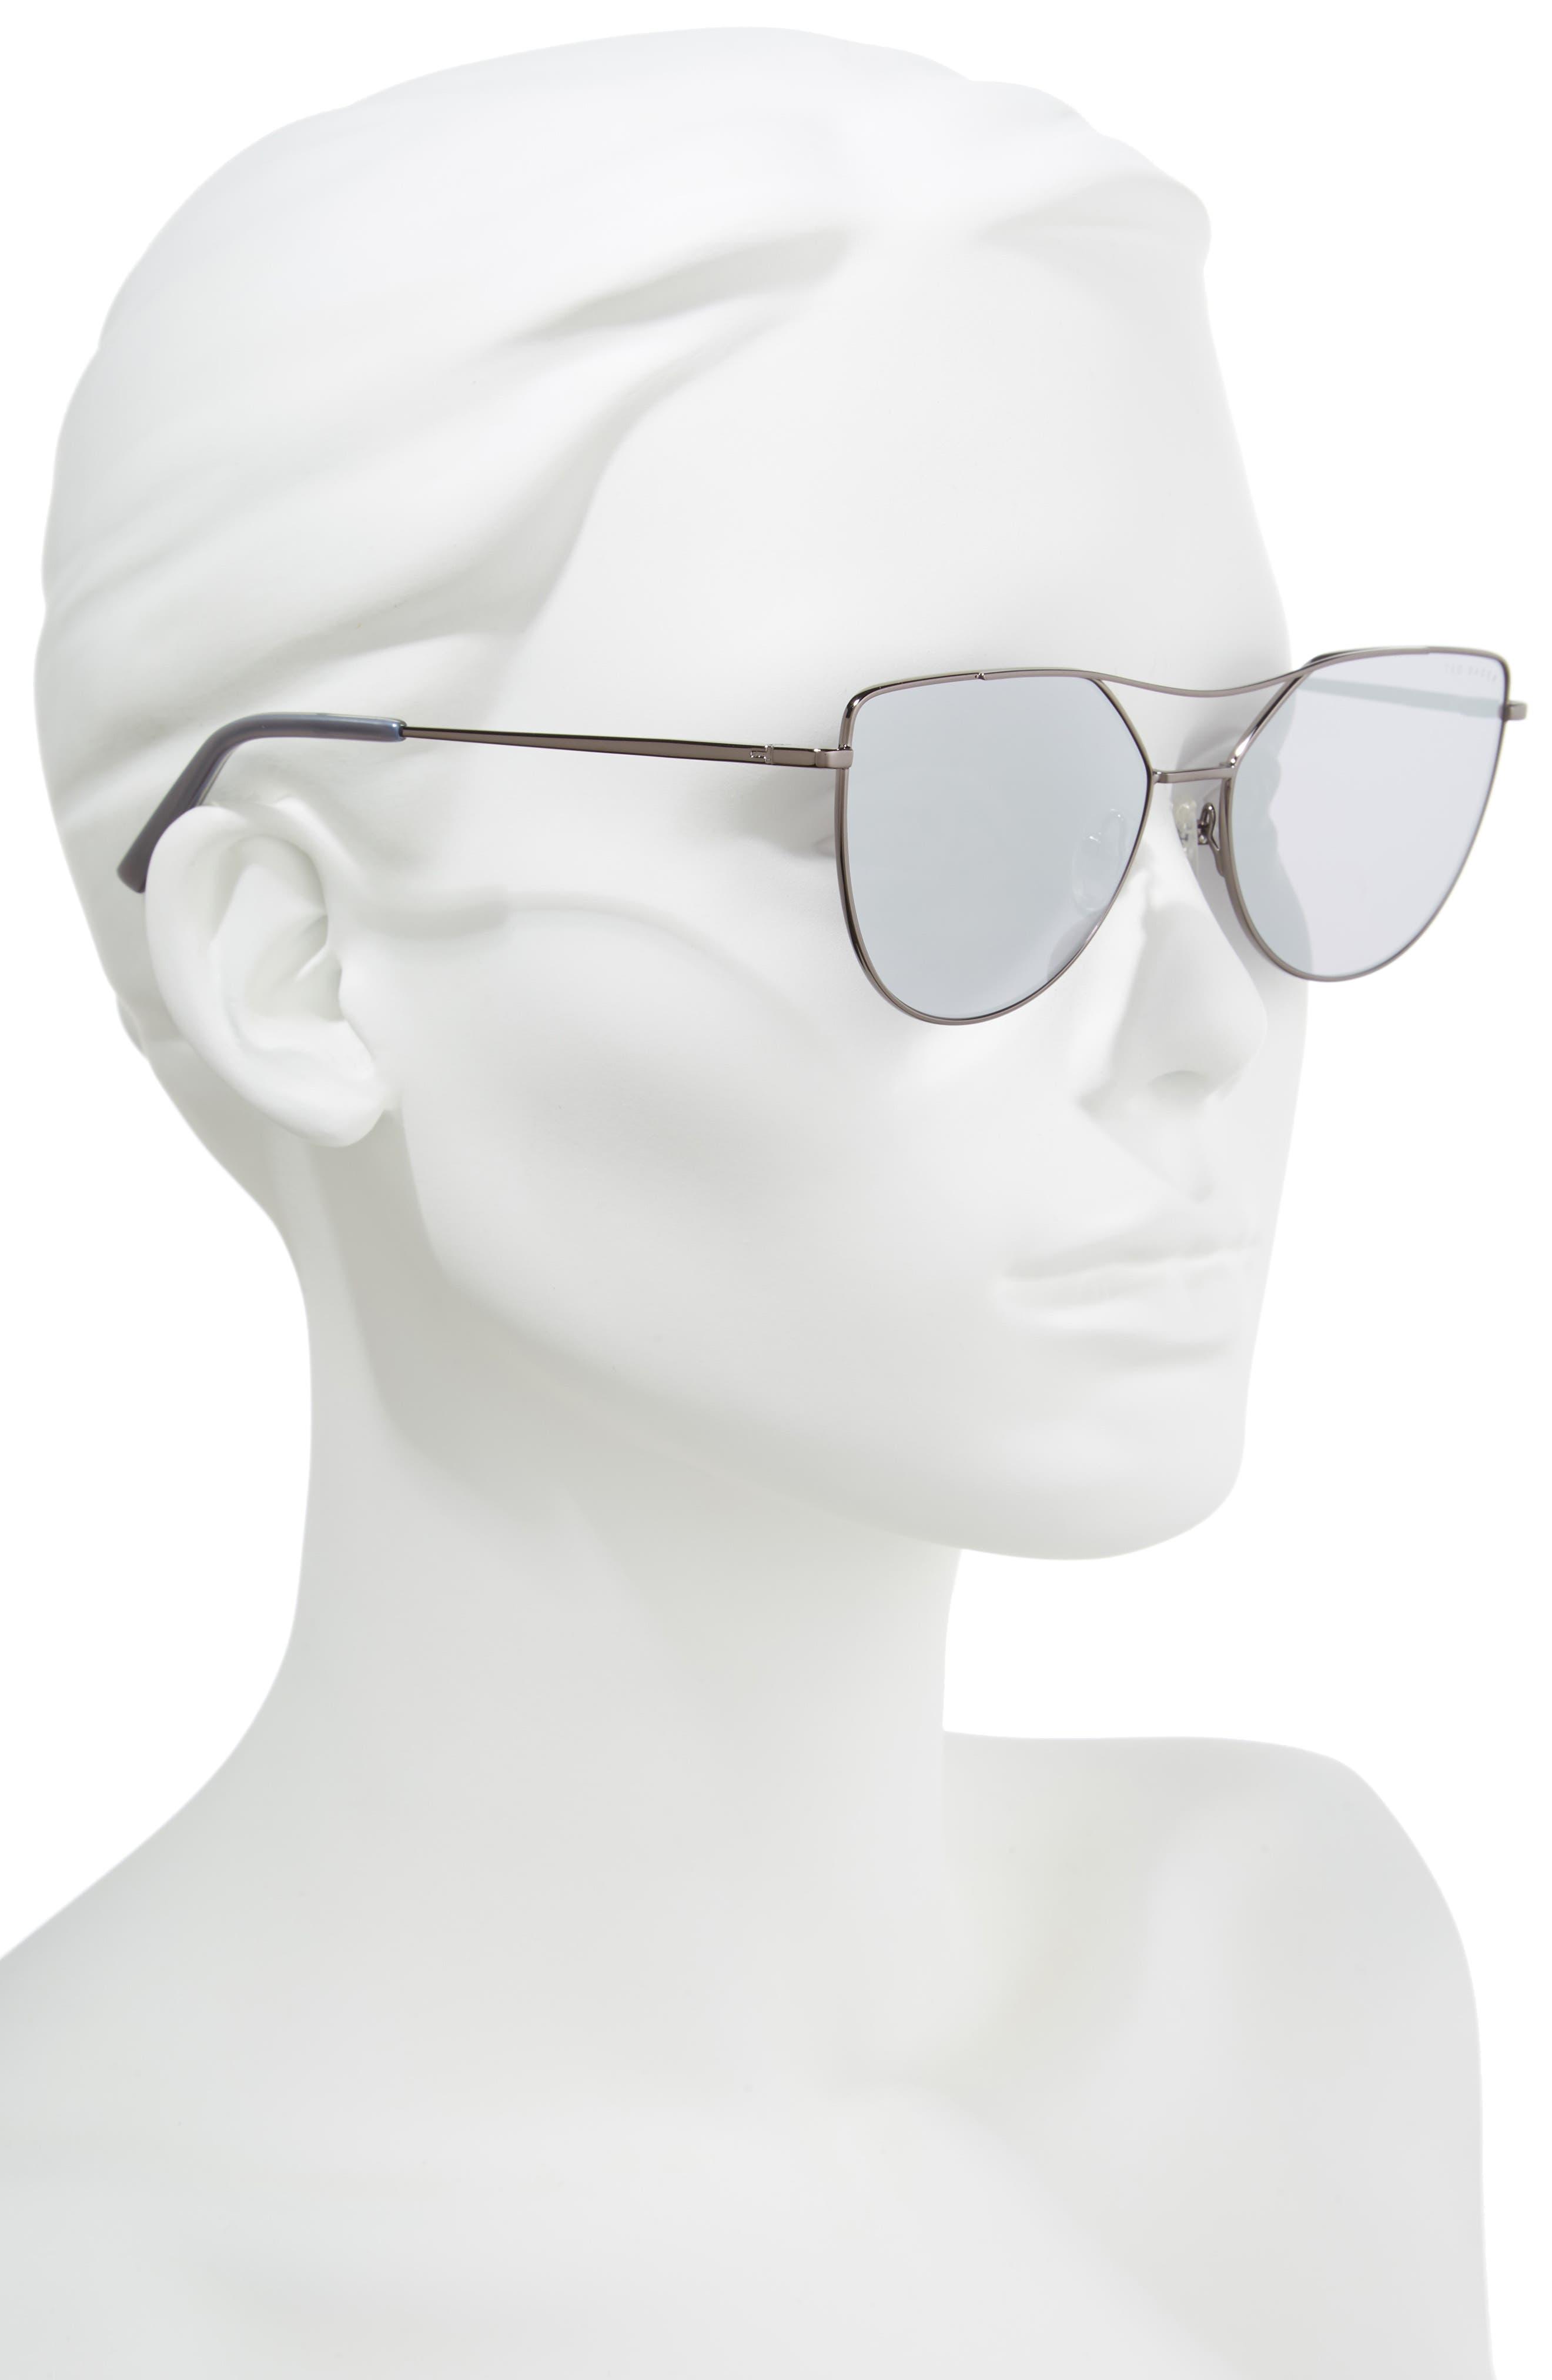 57mm Geometric Aviator Sunglasses,                             Alternate thumbnail 2, color,                             GUN METAL